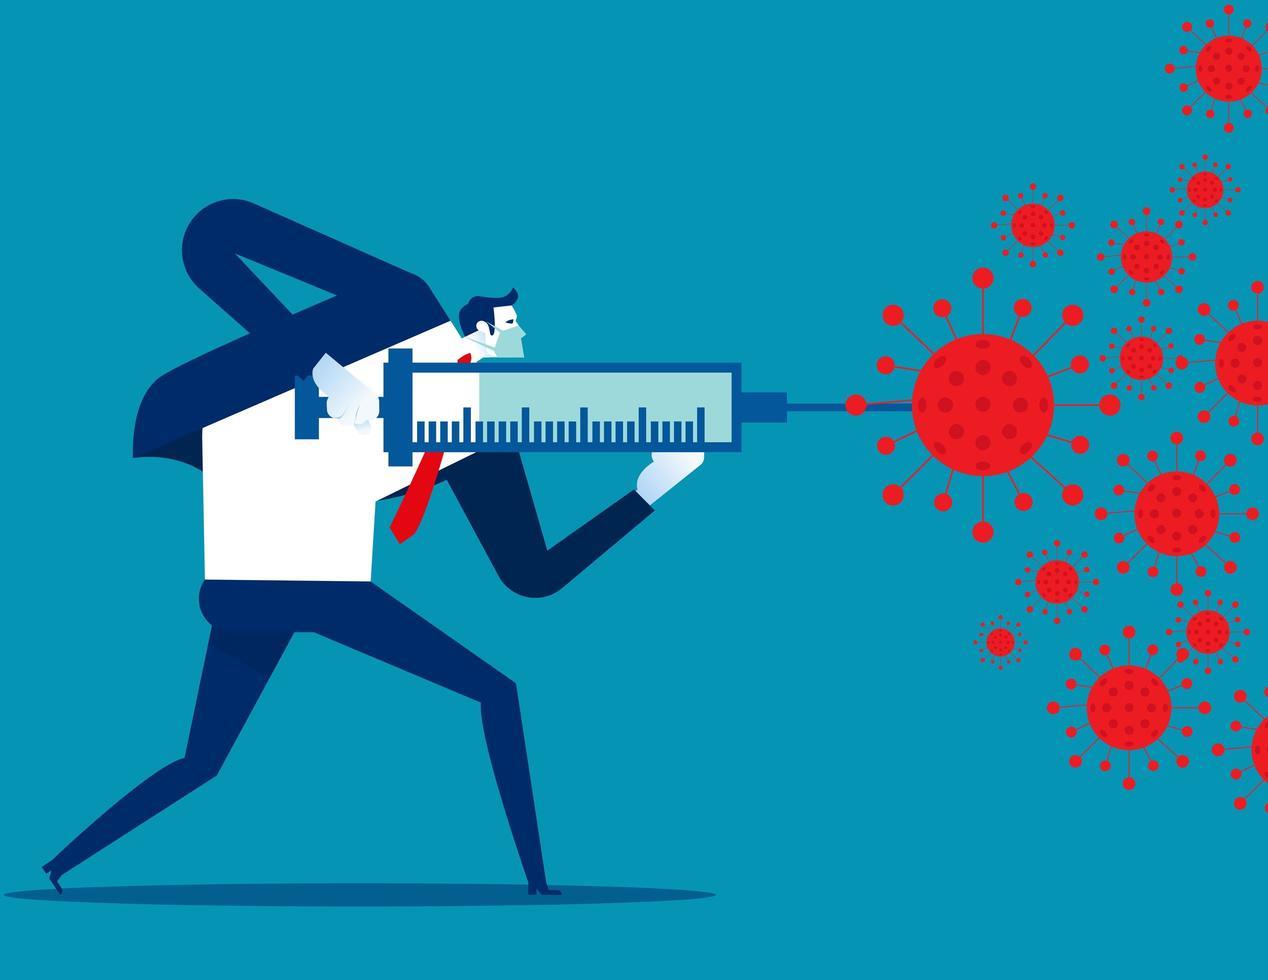 man slåss mot covid-19 med vaccin vektor